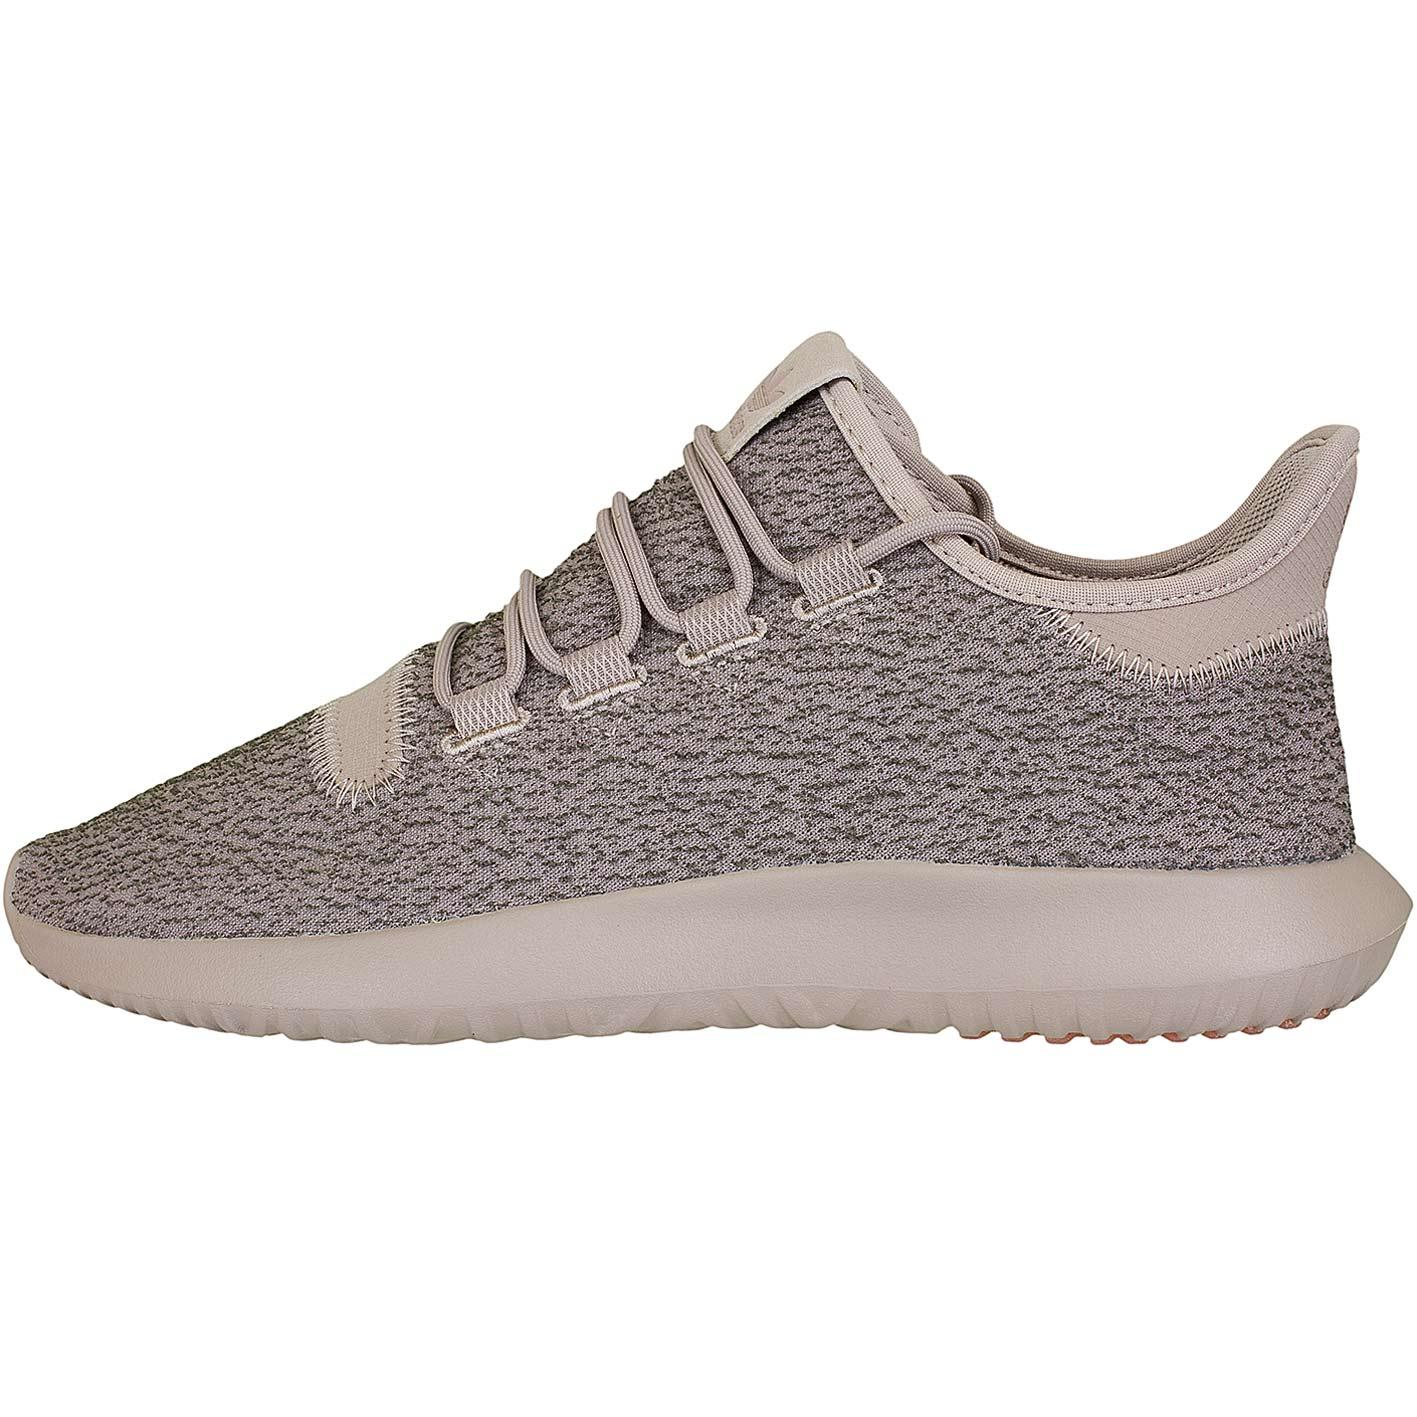 5f7dce0fd7b ... netherlands adidas tubular shadow beige damen adidas originals sneaker tubular  shadow braun 0e561 fa6a0